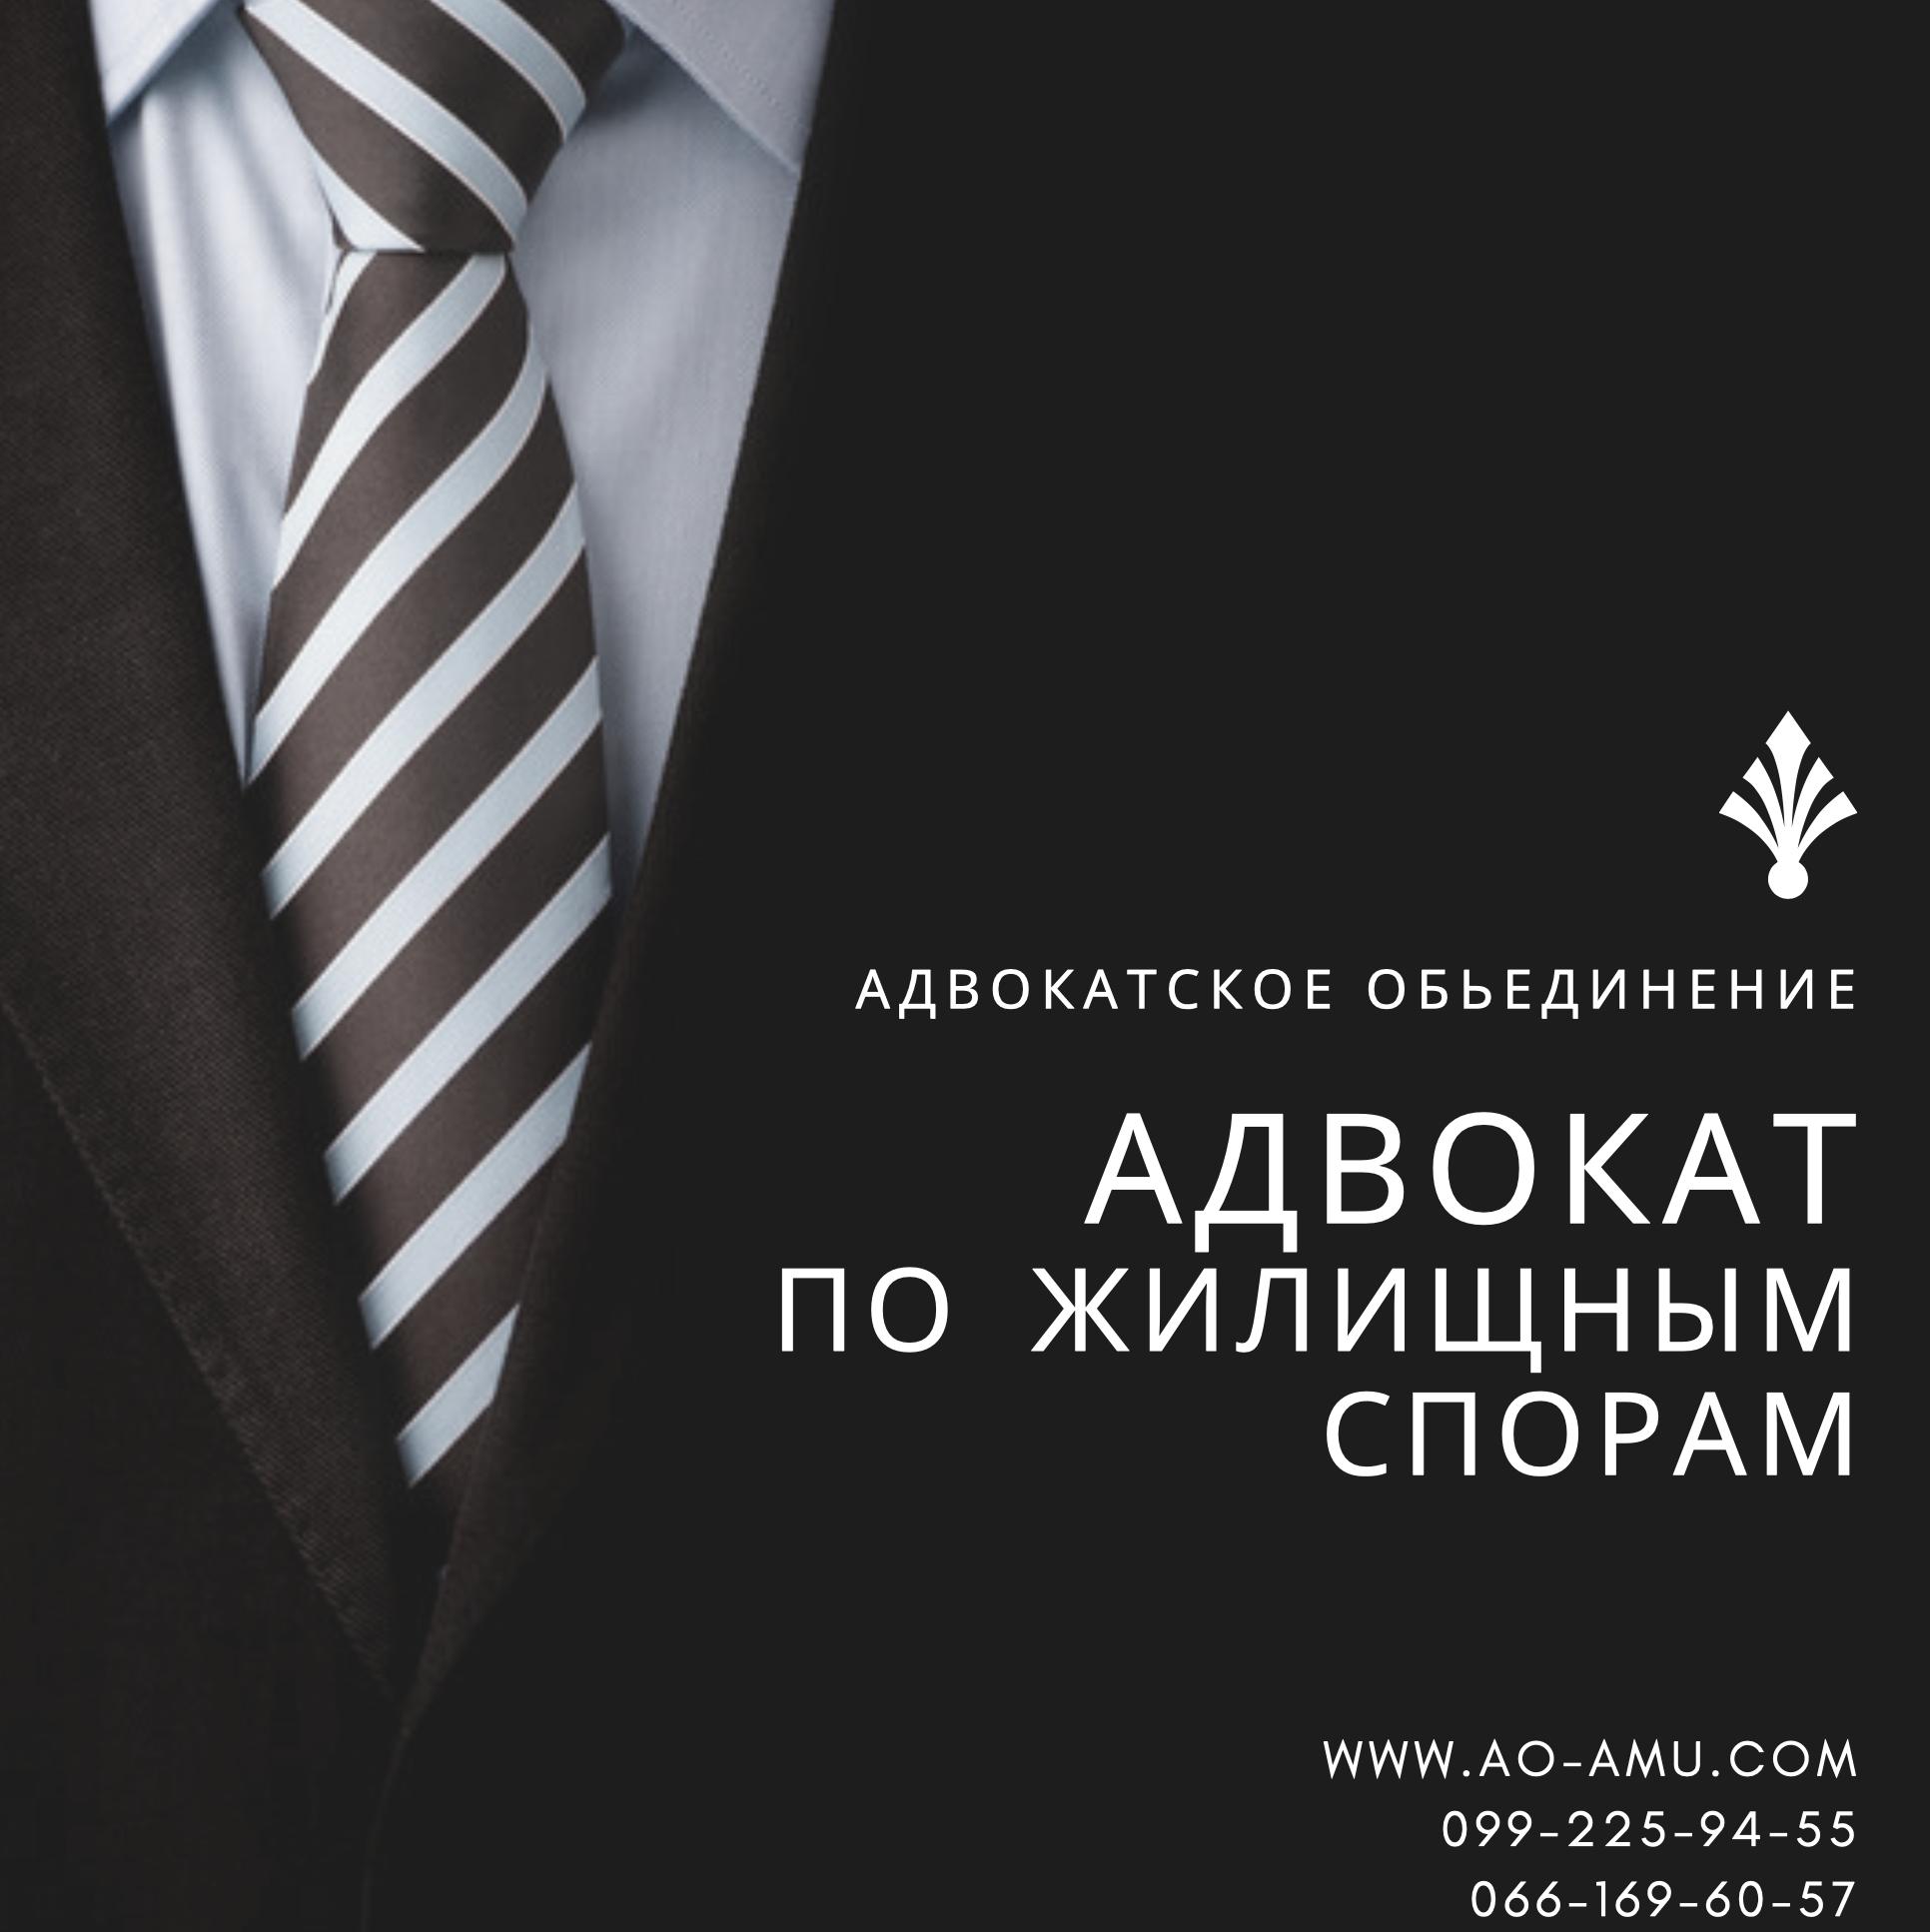 Фото АДВОКАТ ПО ЖИЛИЩНЫМ СПОРАМ